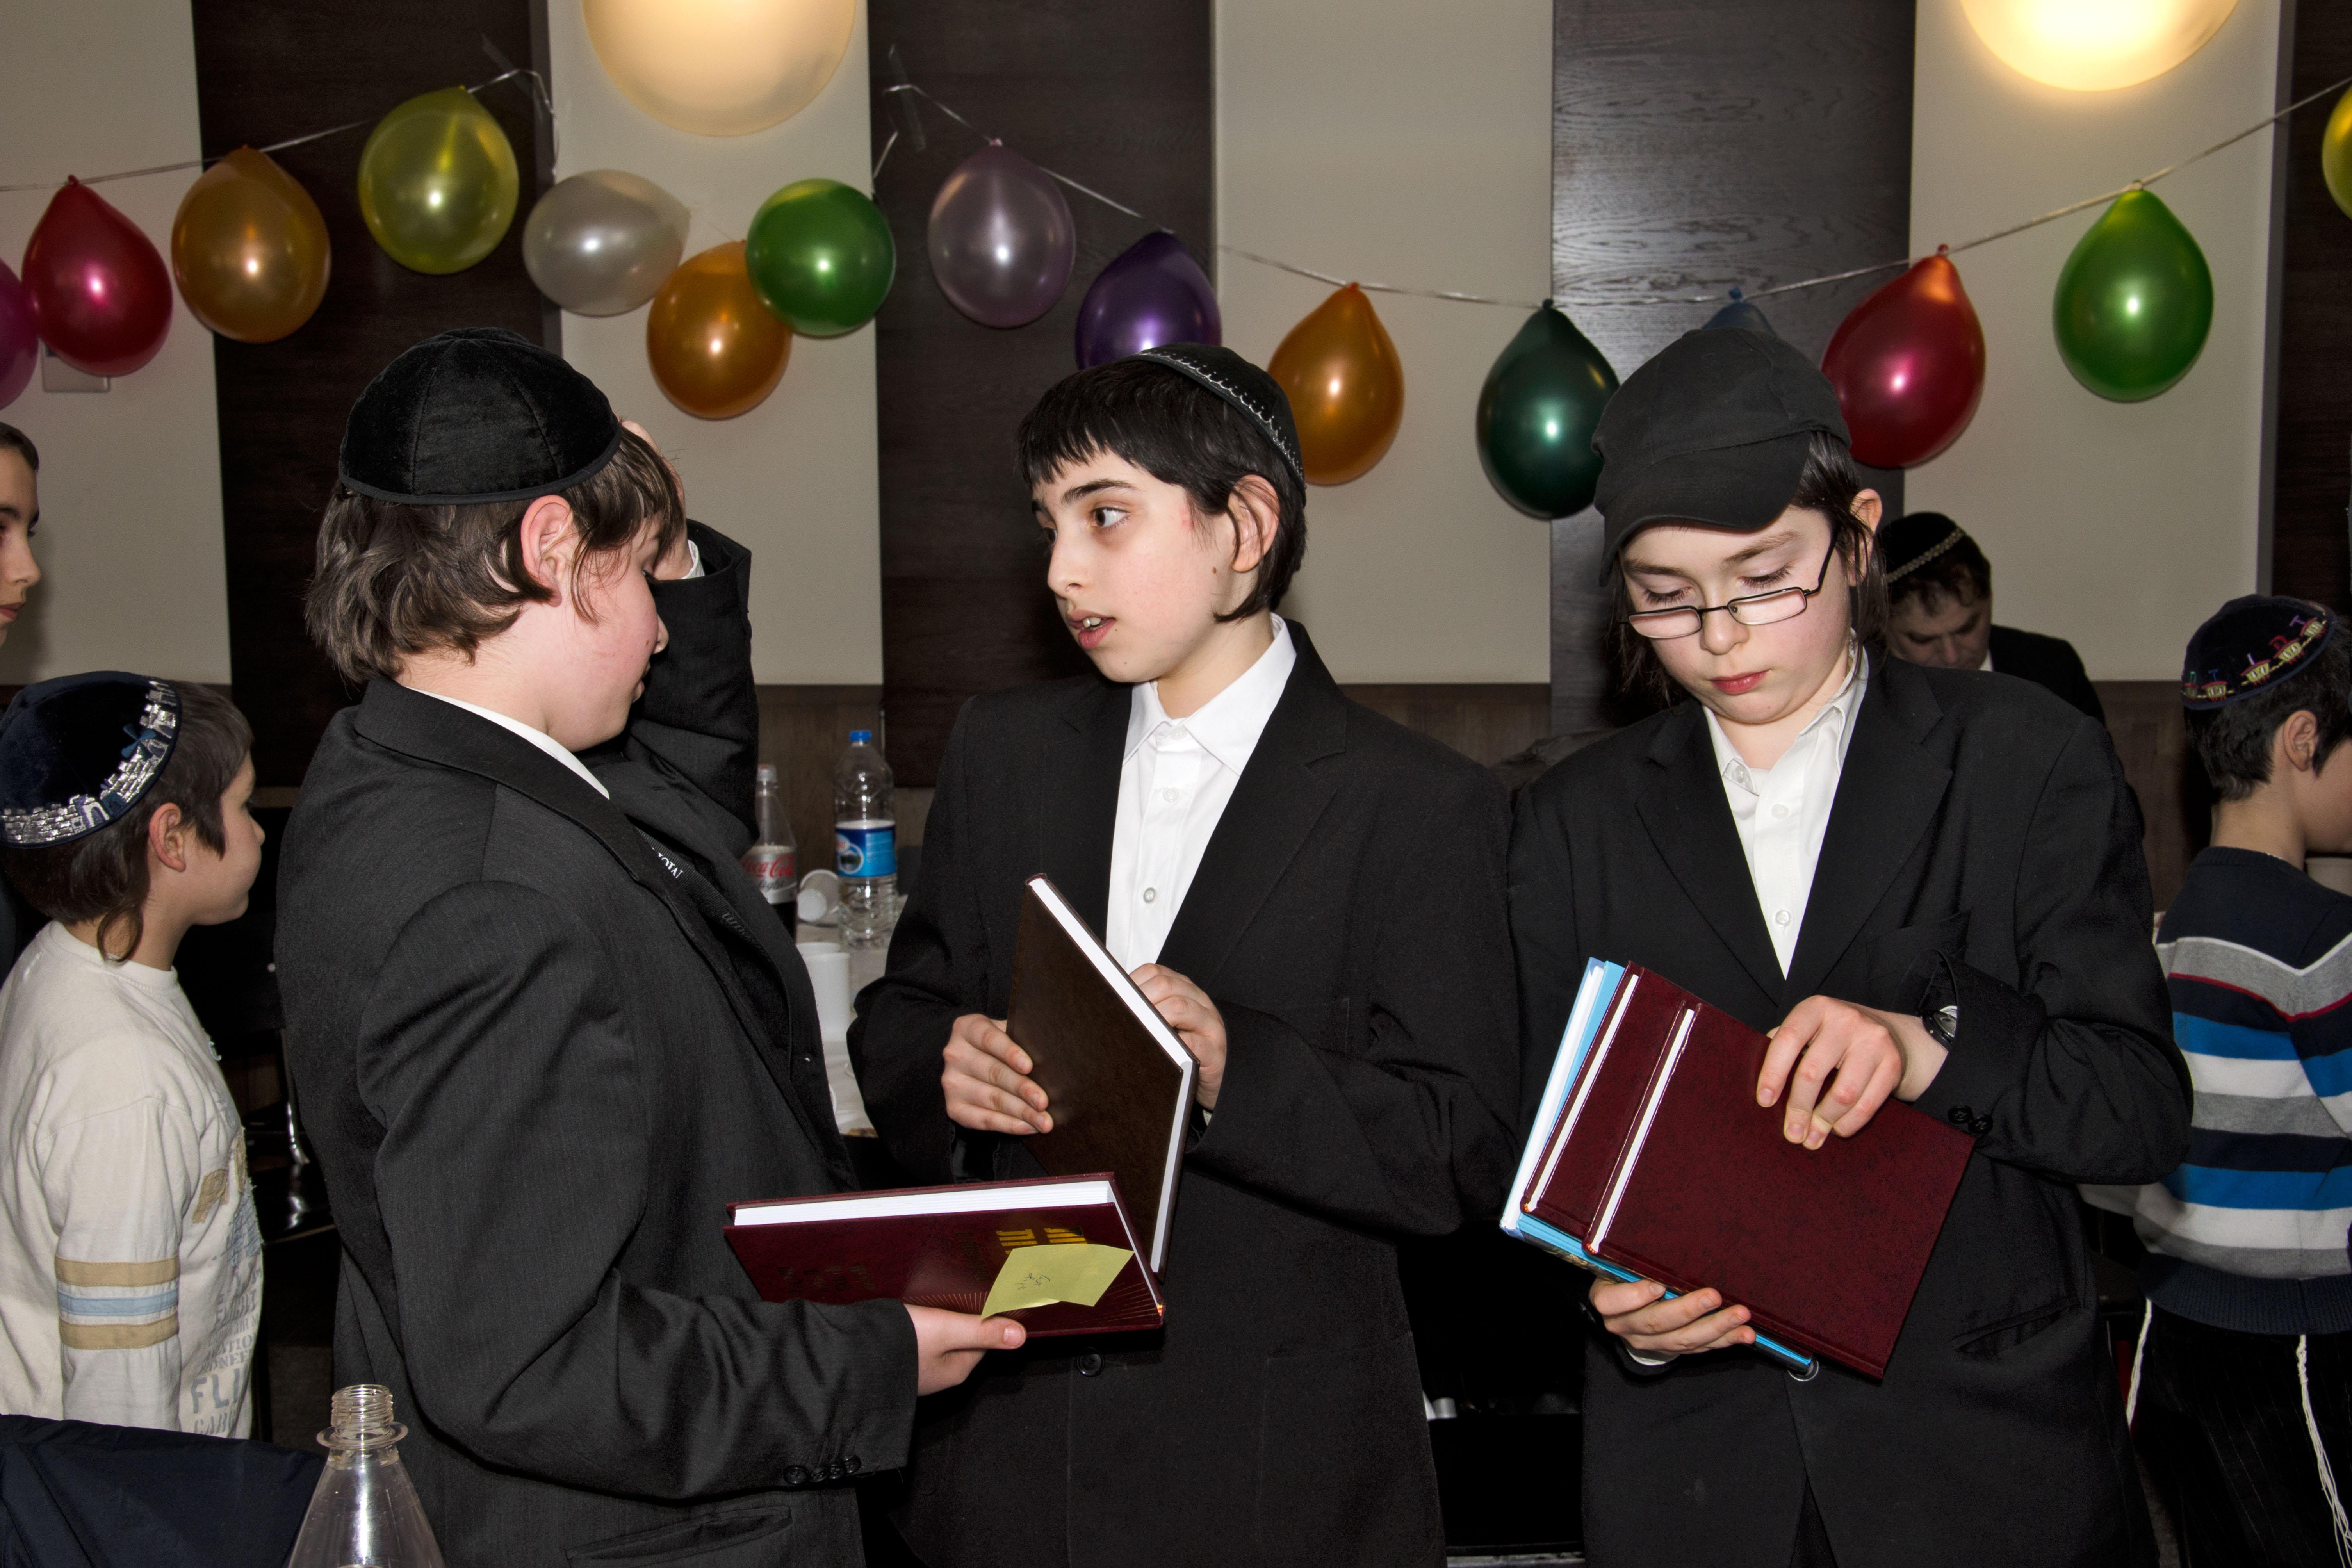 Abschlussfeier in einer Talmudschule in Berlin